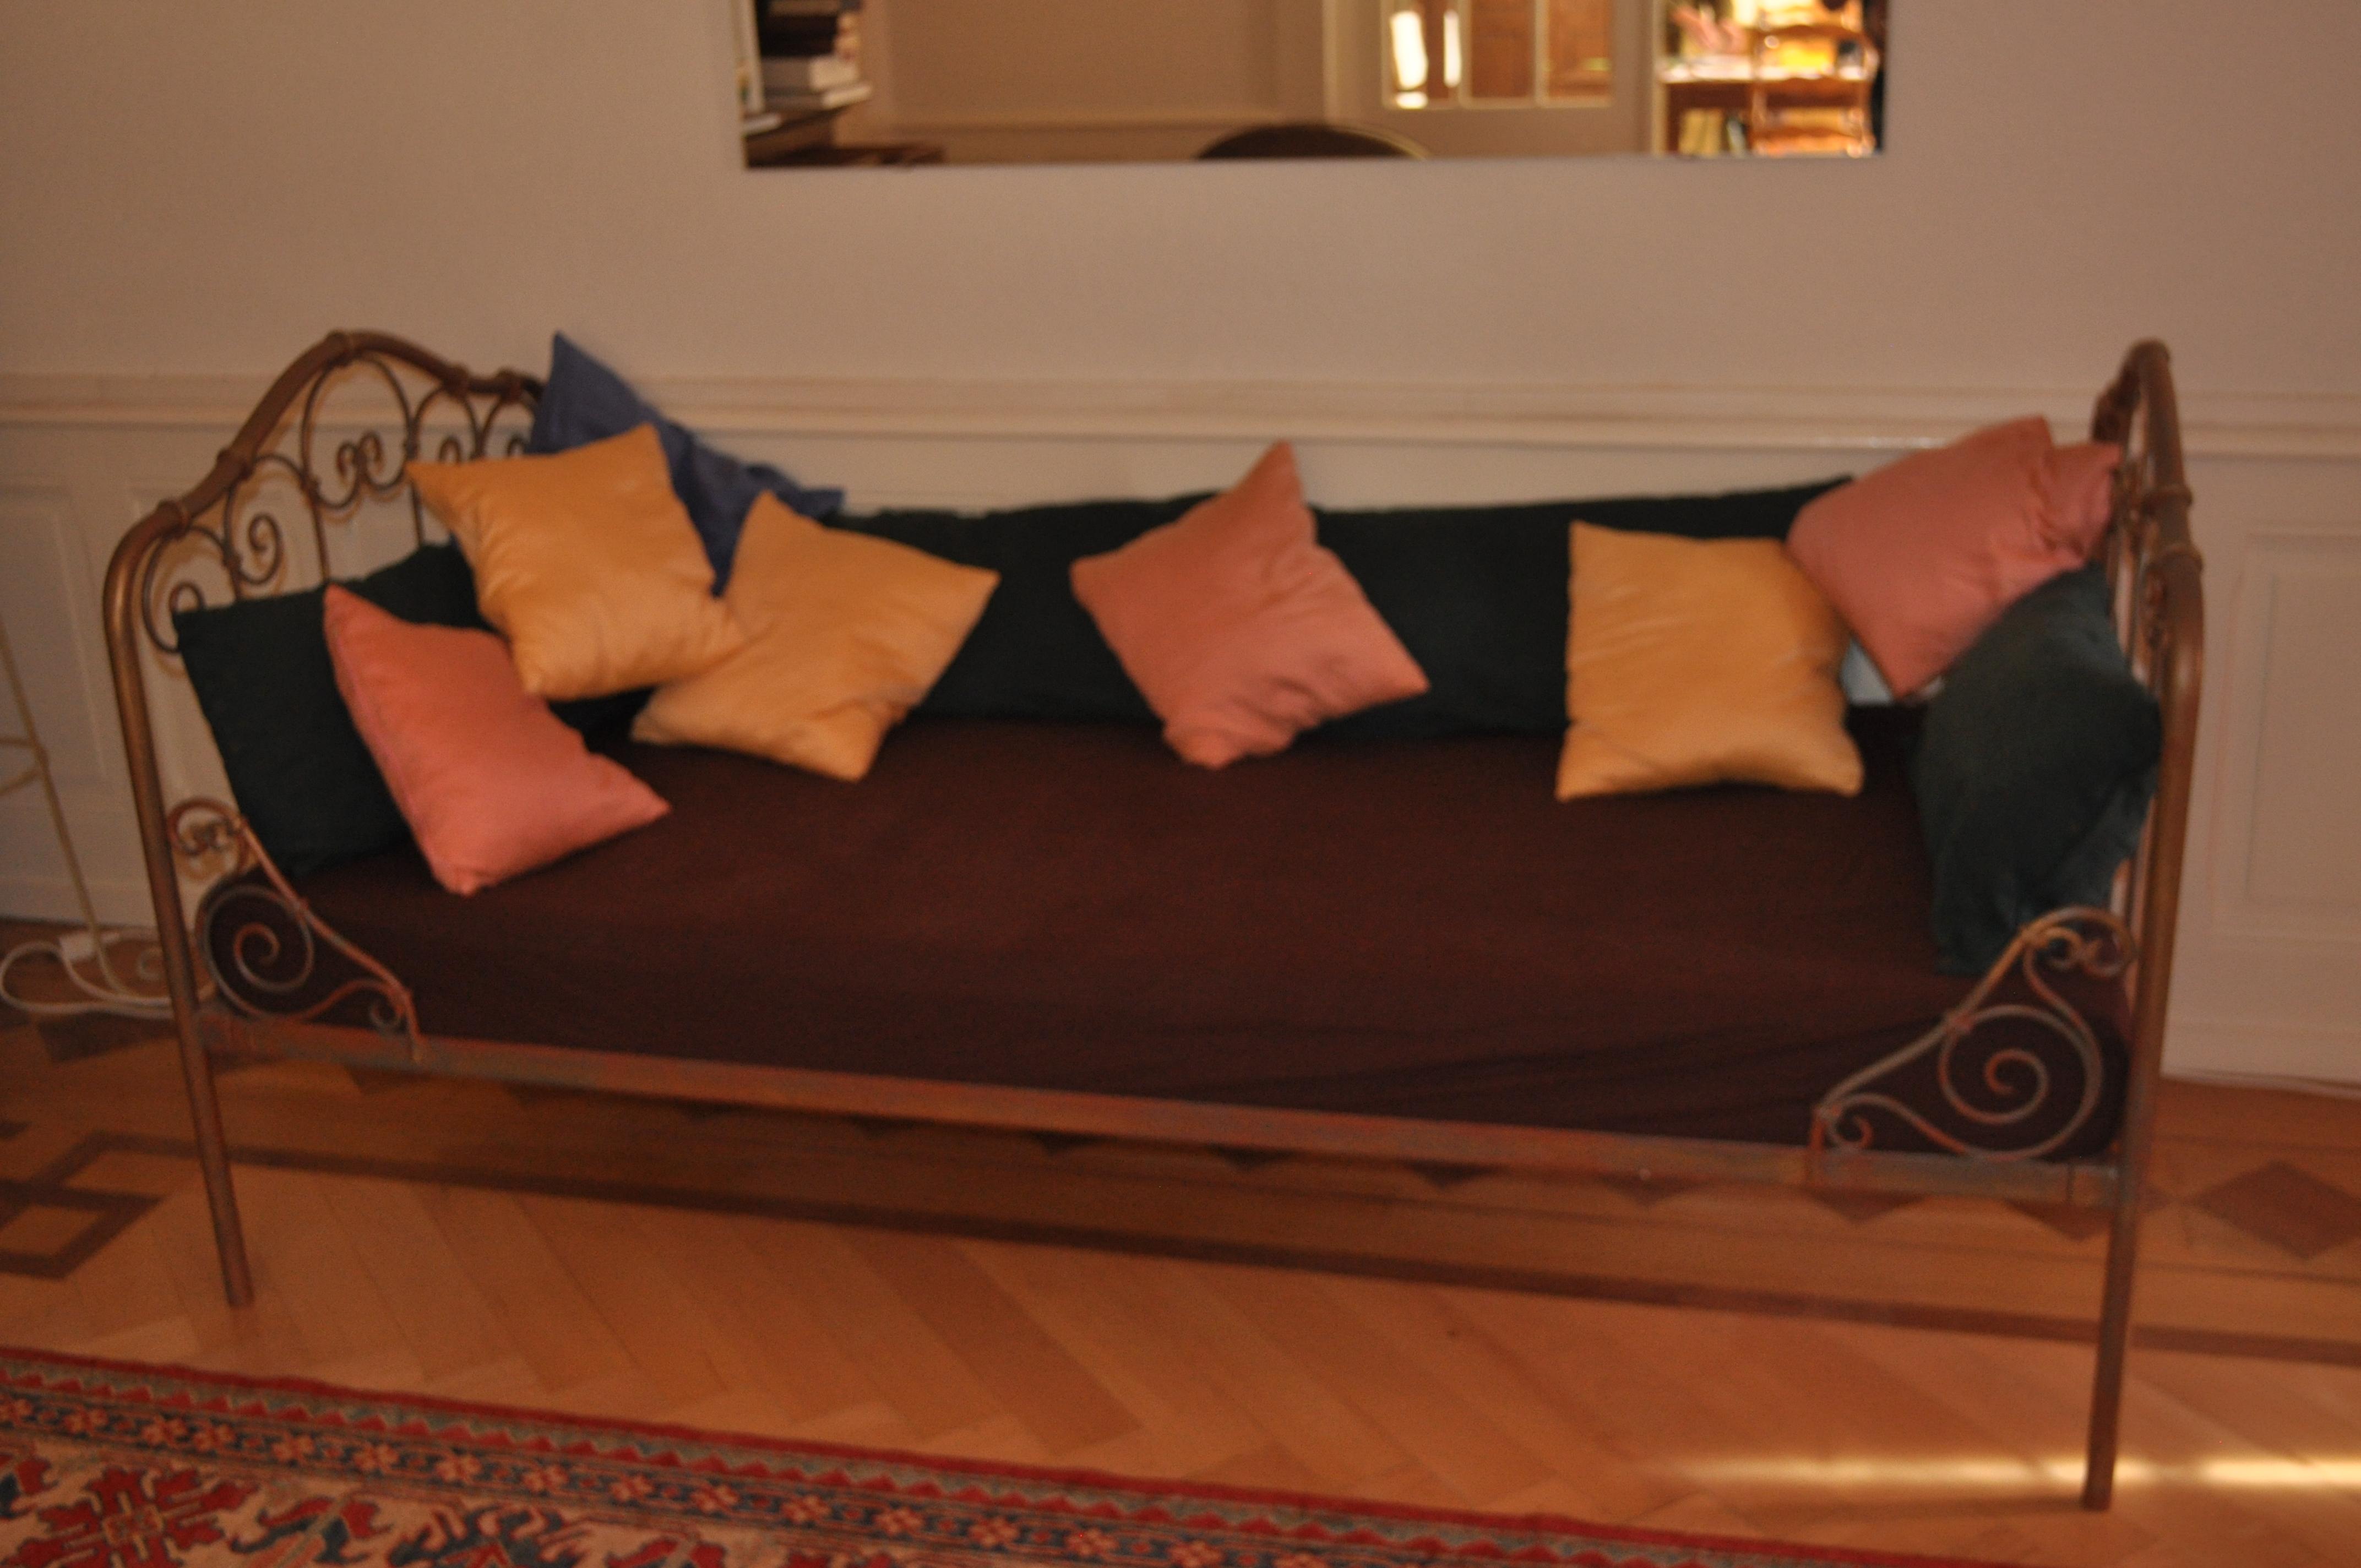 lit banc en fer forg sur. Black Bedroom Furniture Sets. Home Design Ideas